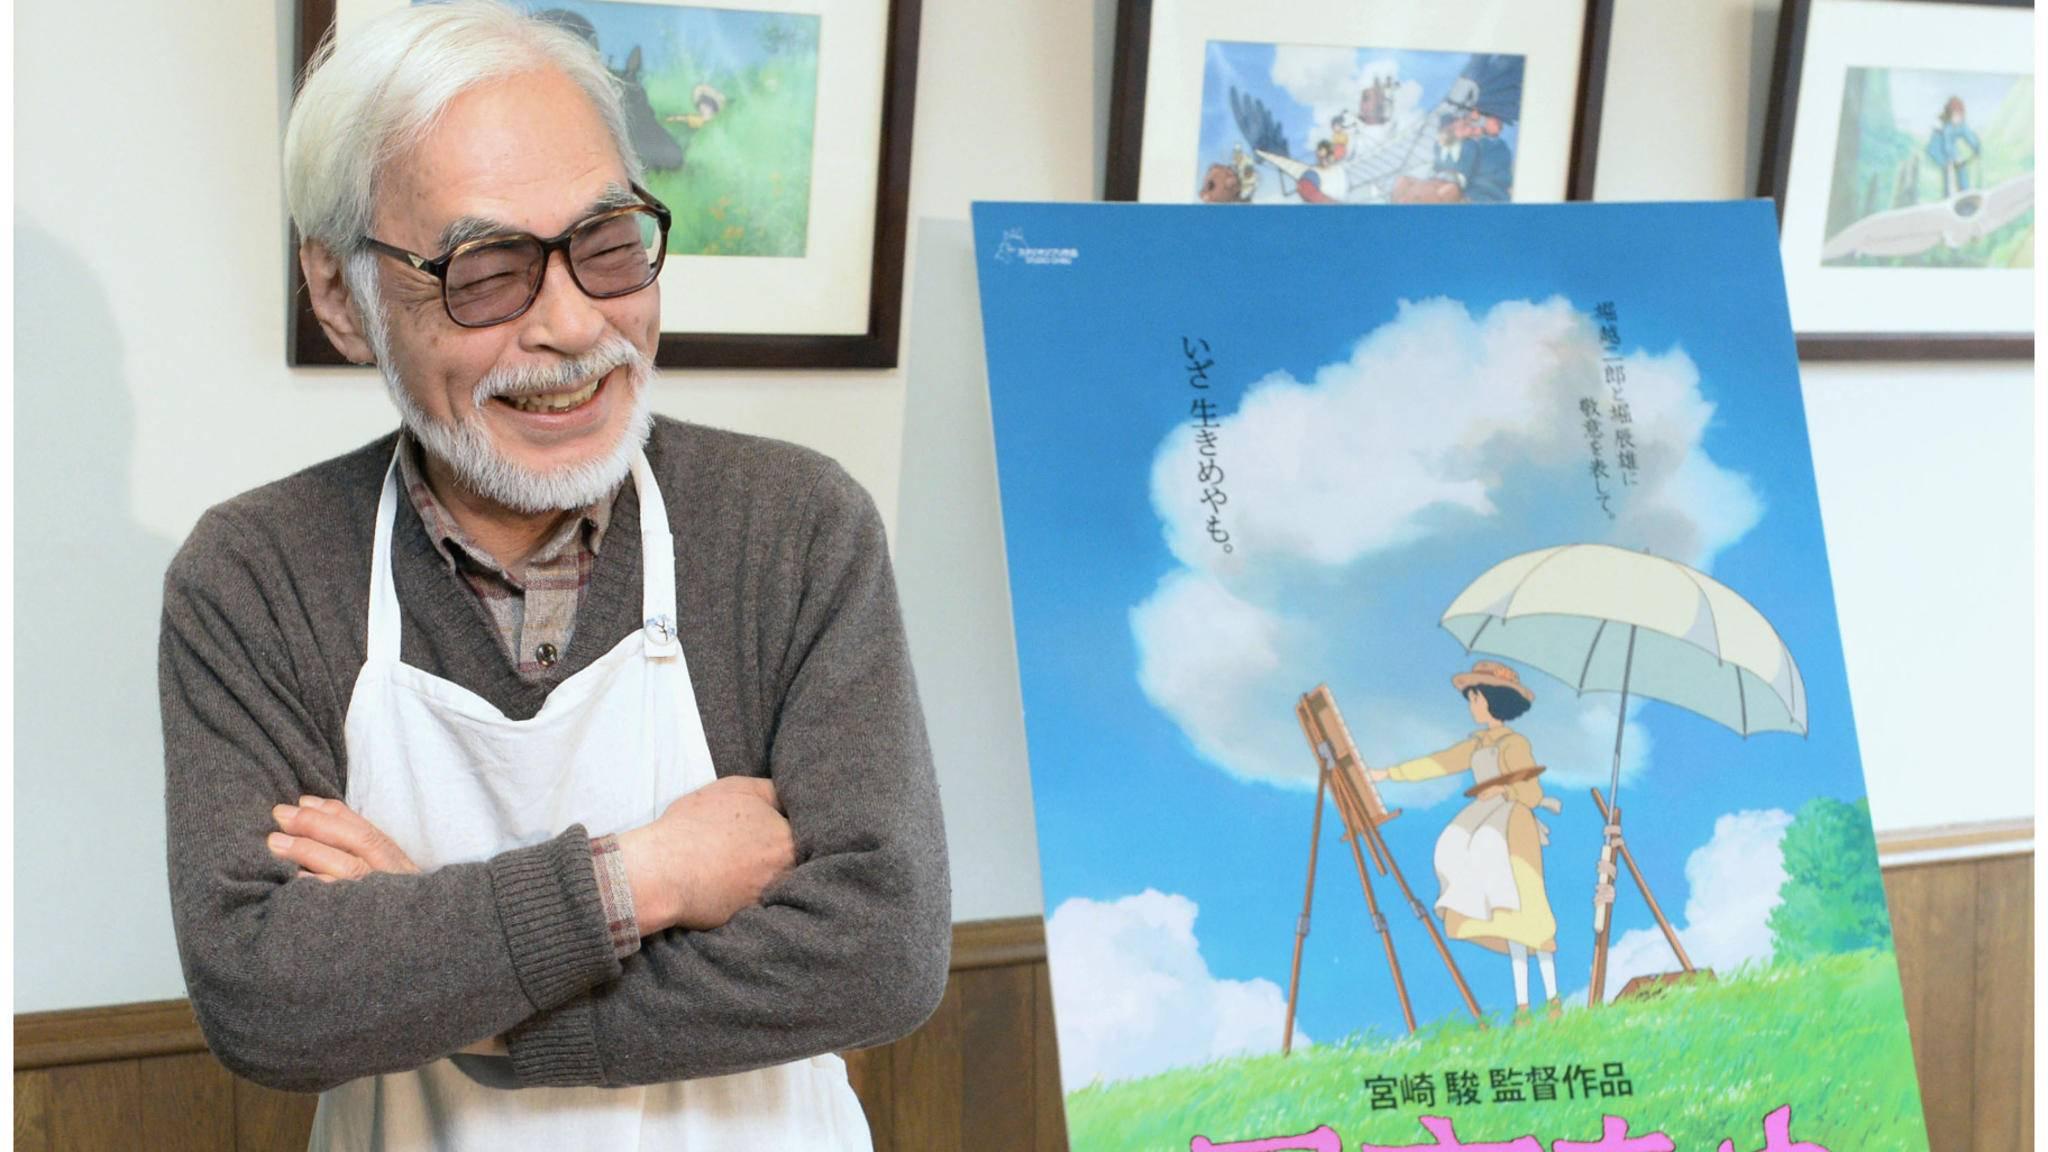 Gute Neuigkeiten für Fans von Studio Ghibli: Hayao Miyazaki kehrt zurück.